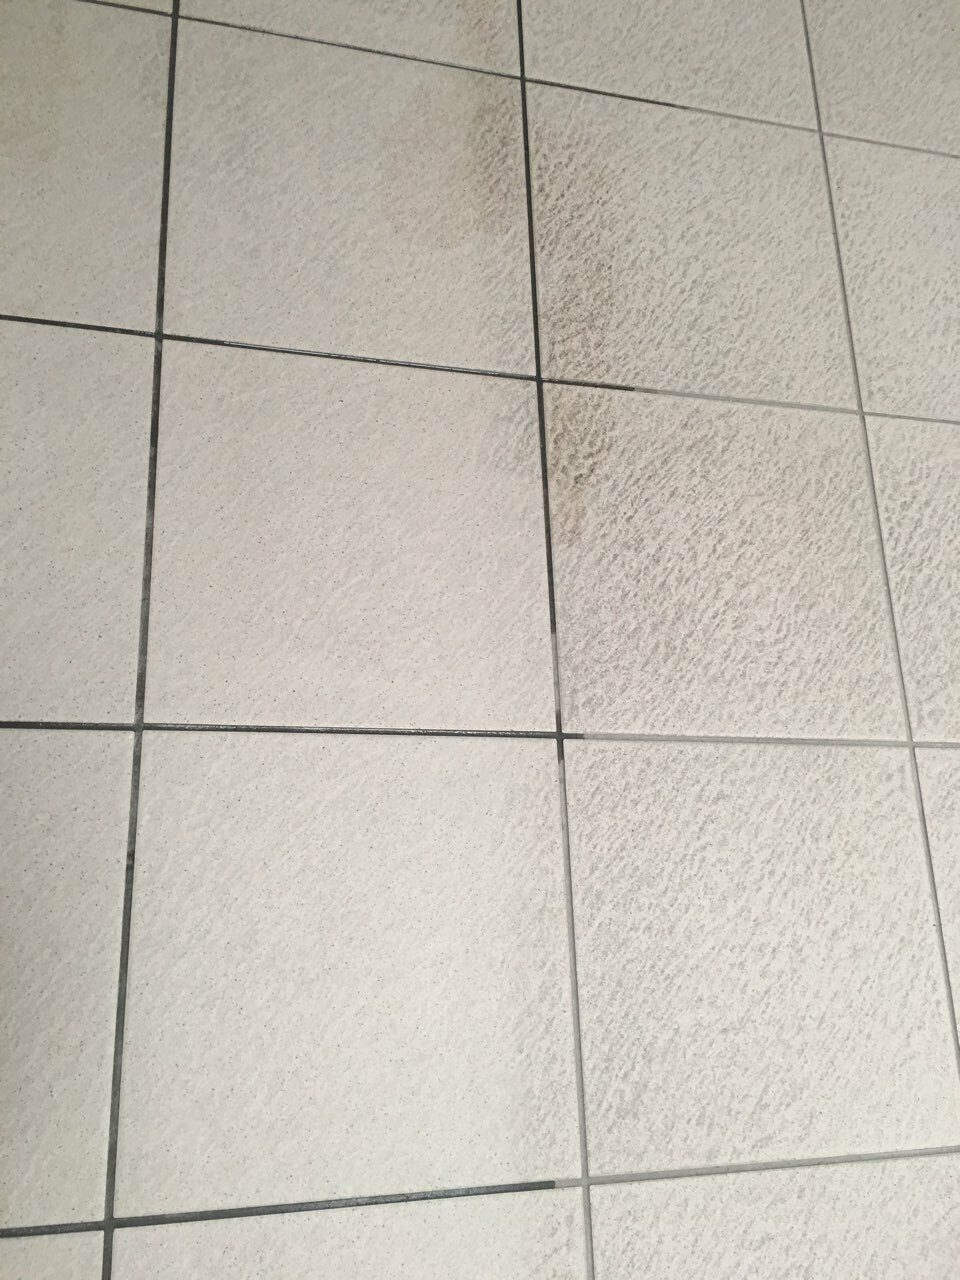 Beltéri öltöző kőpadlózat és fuga takarítsa csapvízzel Rotowash padlótisztító géppel